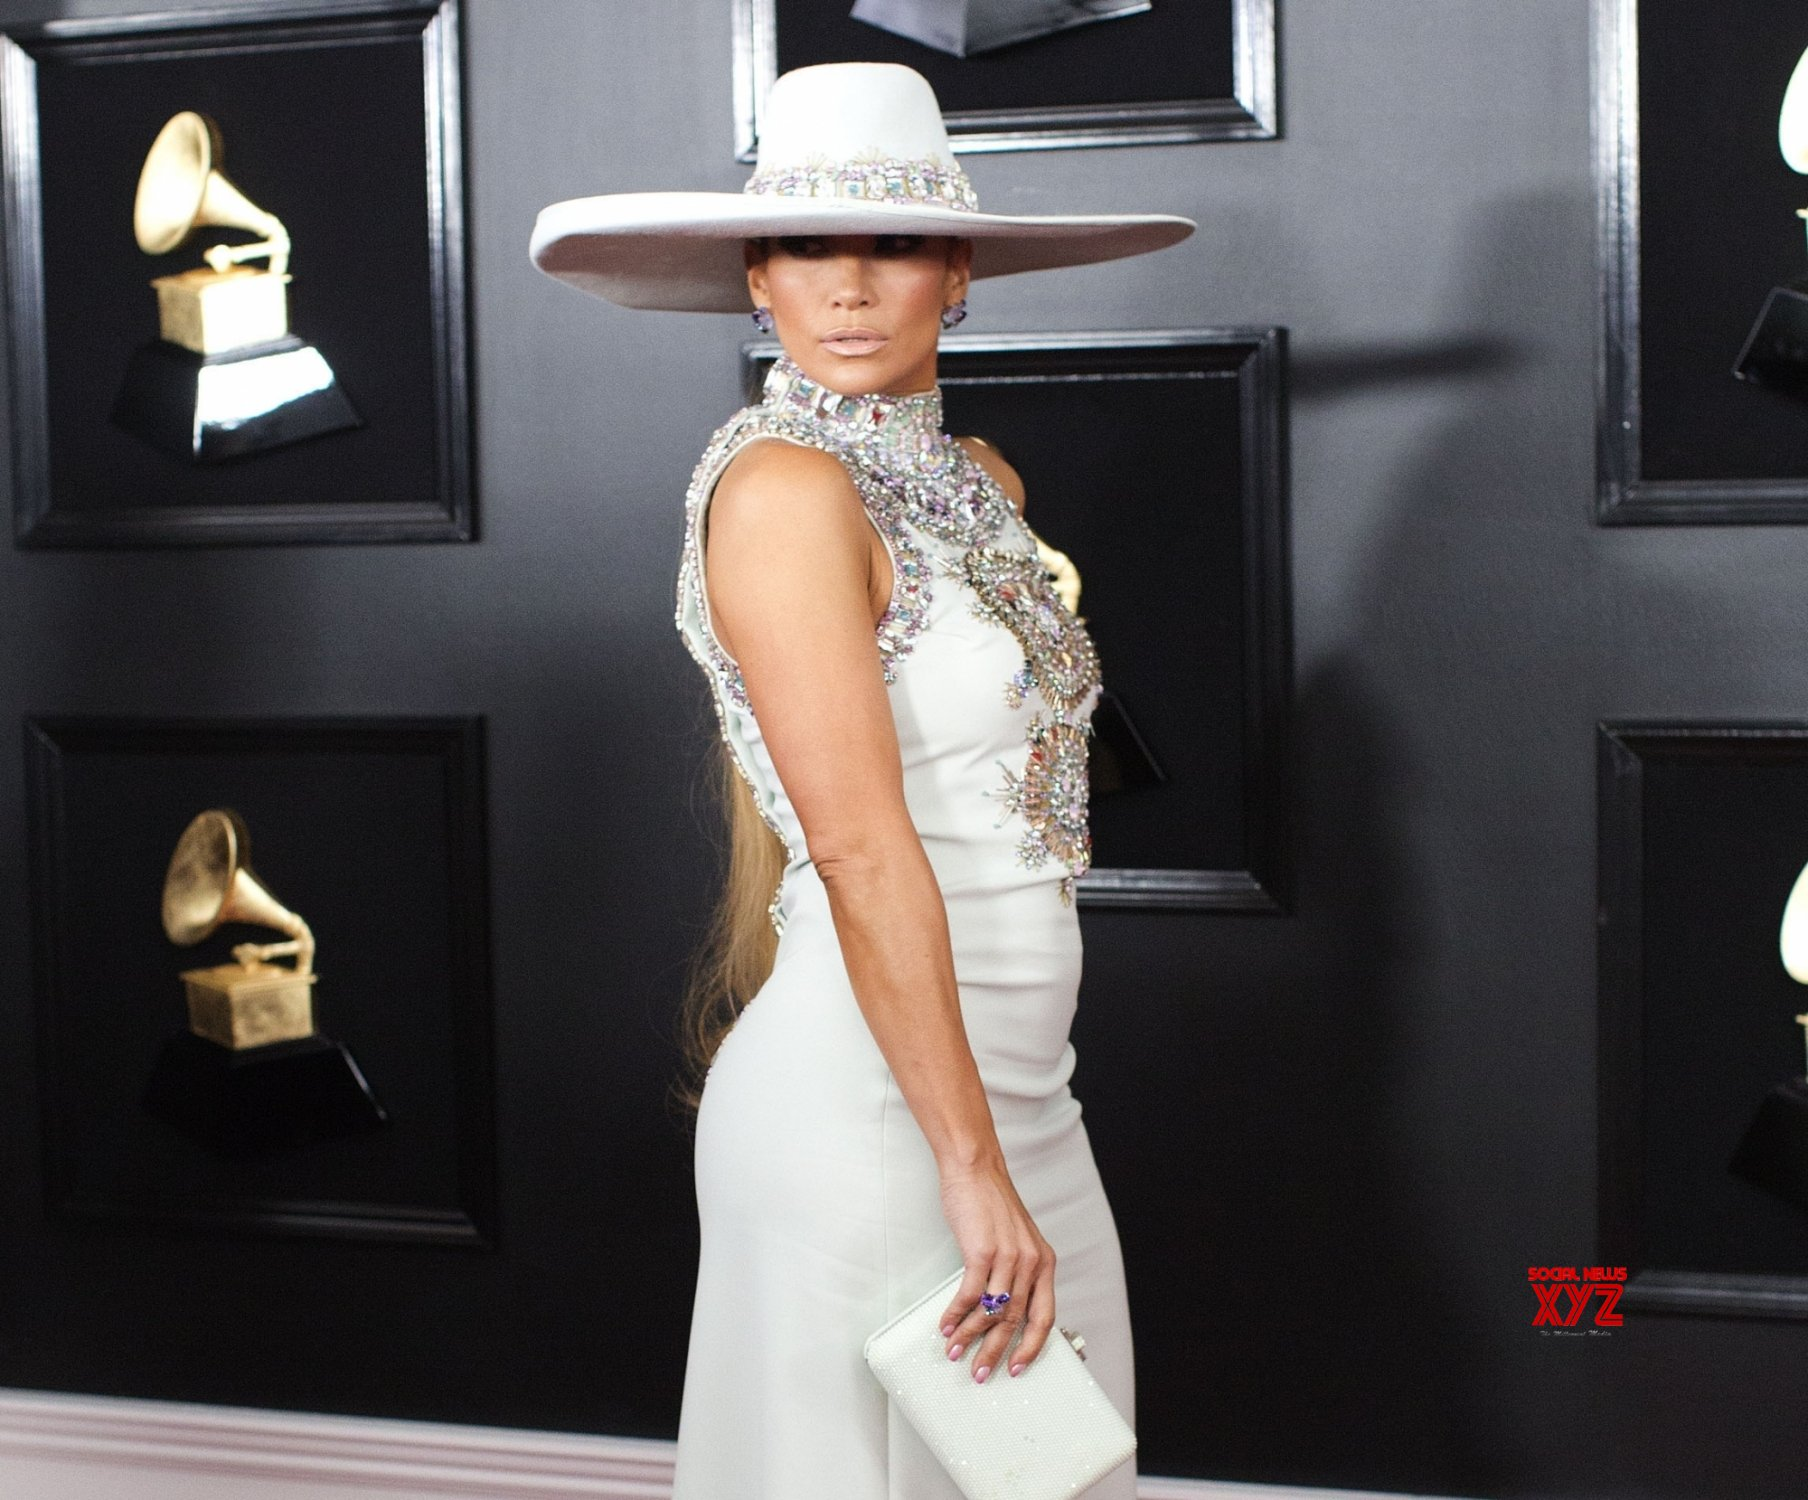 File Photos: Jennifer Lopez #Gallery